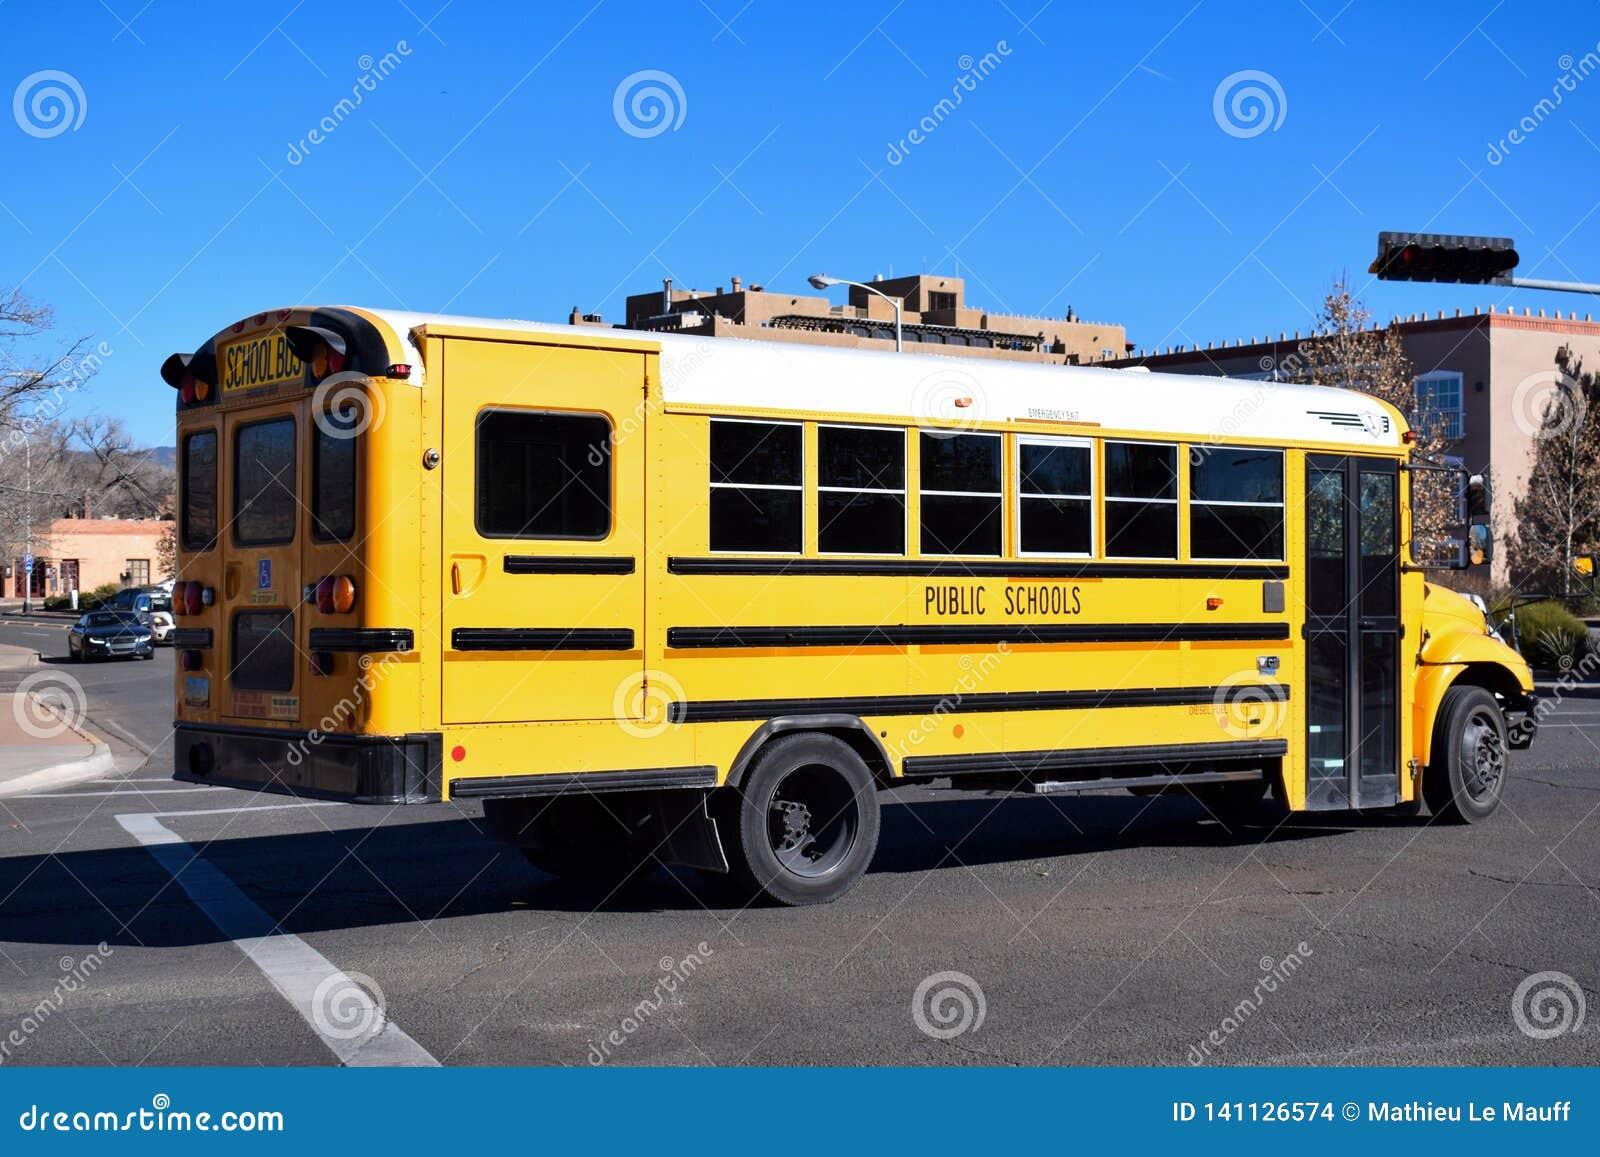 Ônibus escolar amarelo americano em New mexico